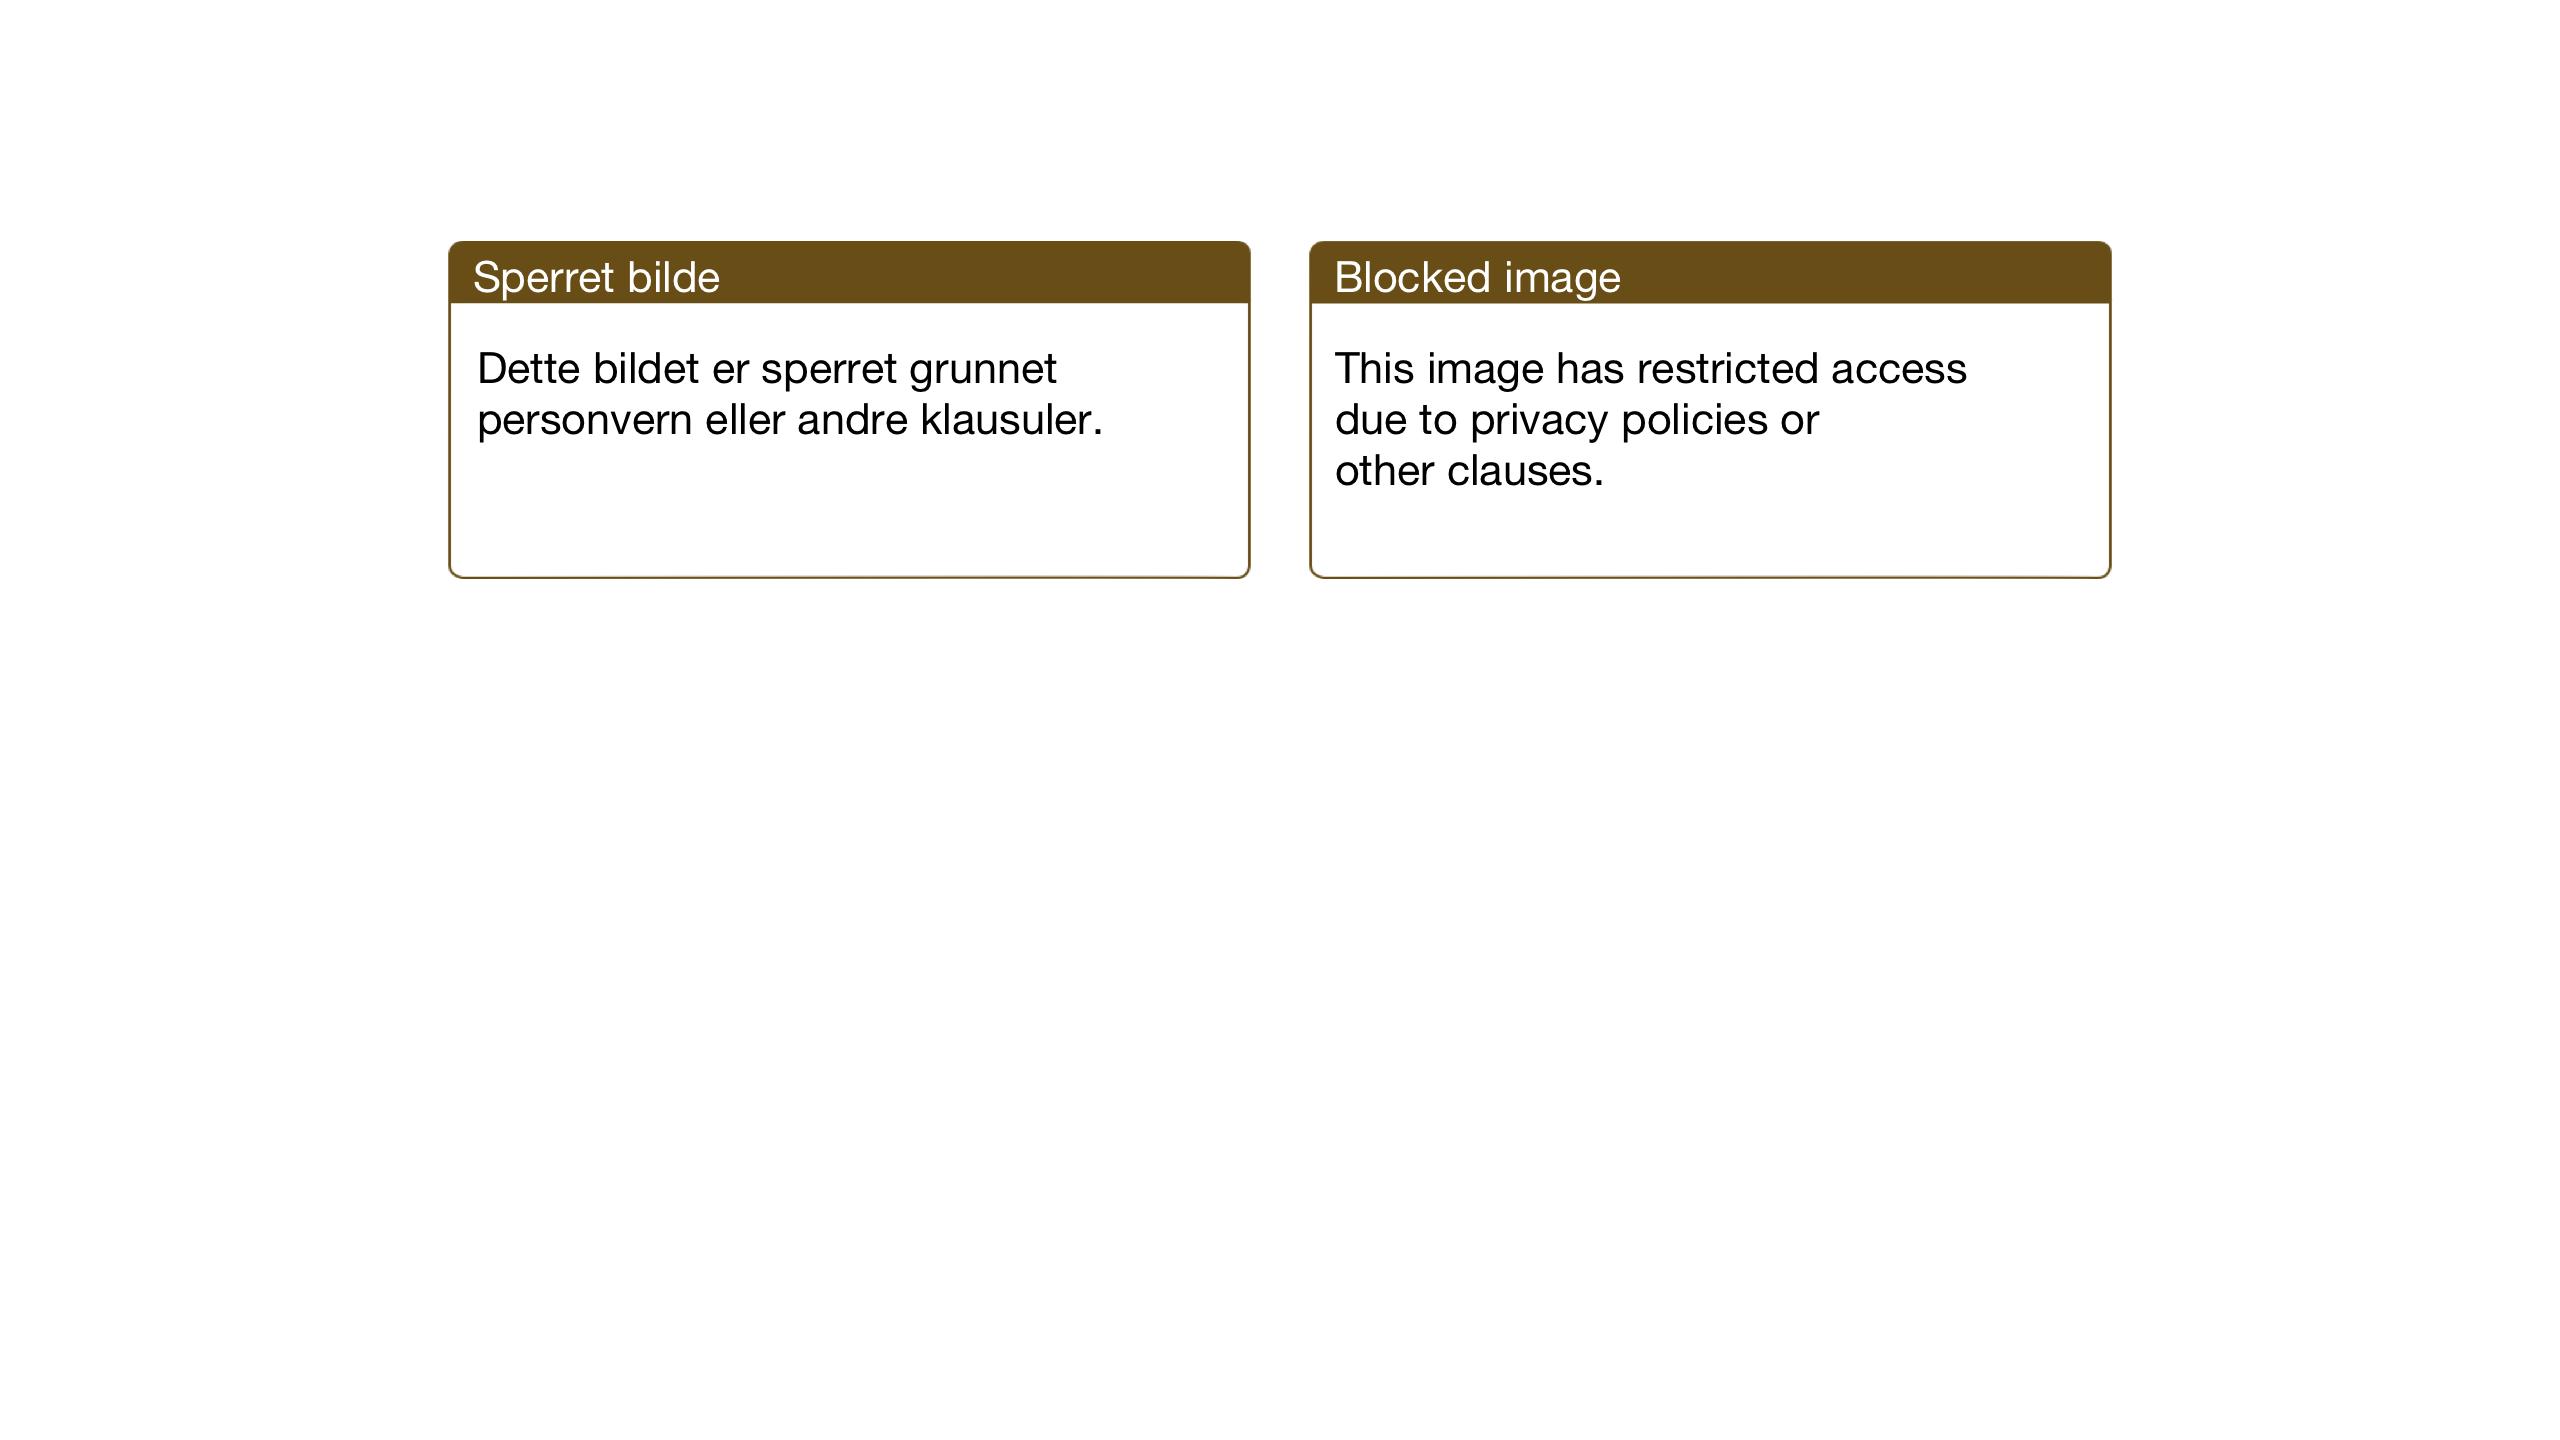 SAT, Ministerialprotokoller, klokkerbøker og fødselsregistre - Sør-Trøndelag, 638/L0569: Klokkerbok nr. 638C01, 1923-1961, s. 19